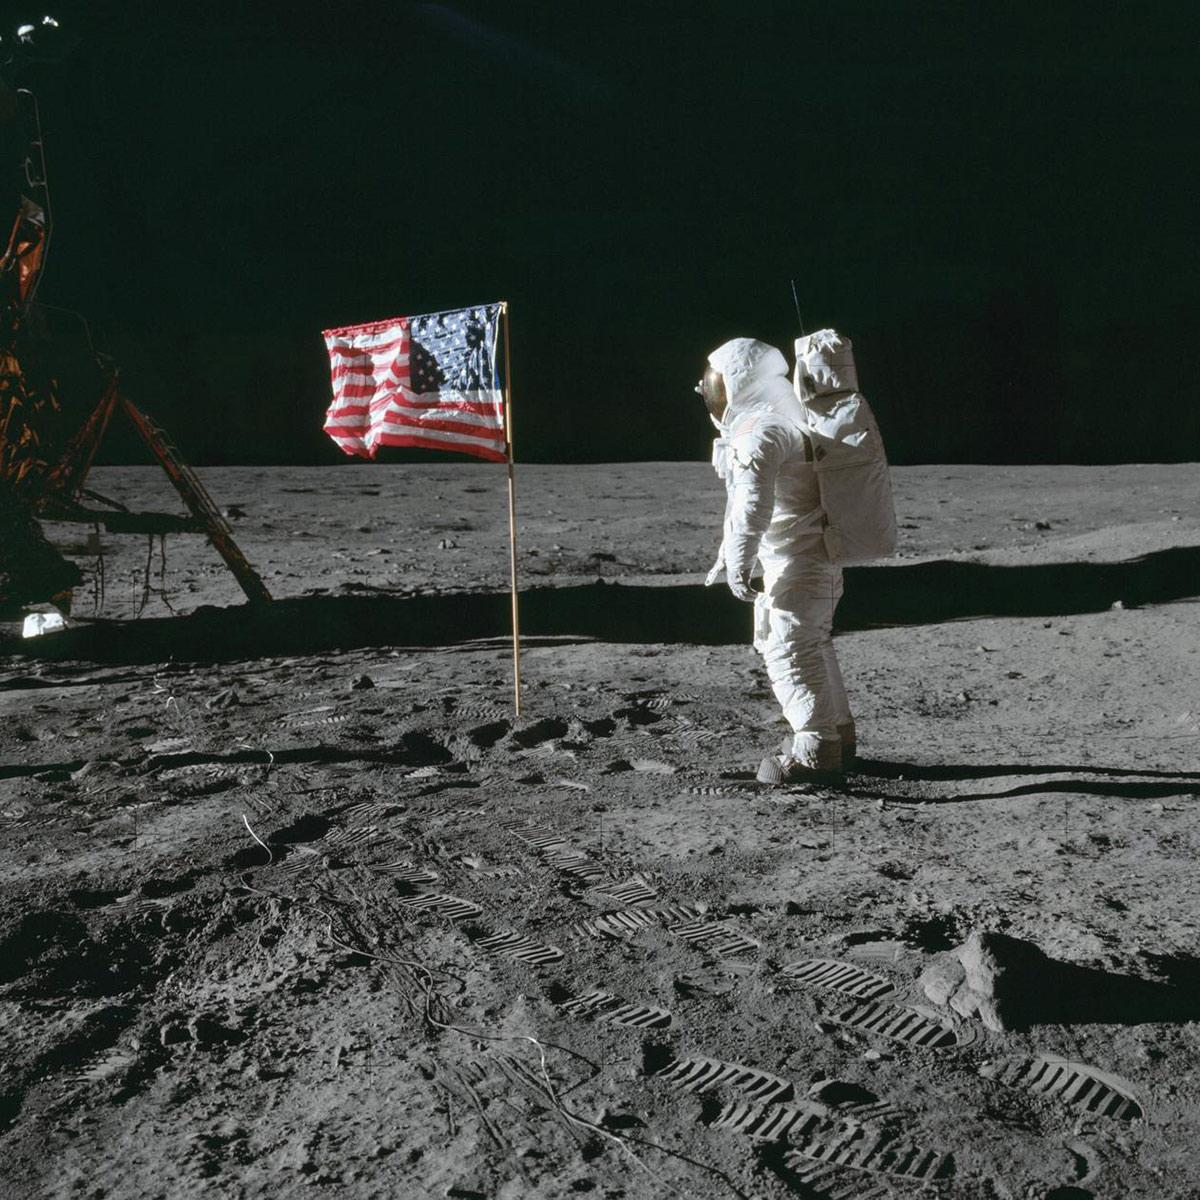 buzz aldren moon apollo 11